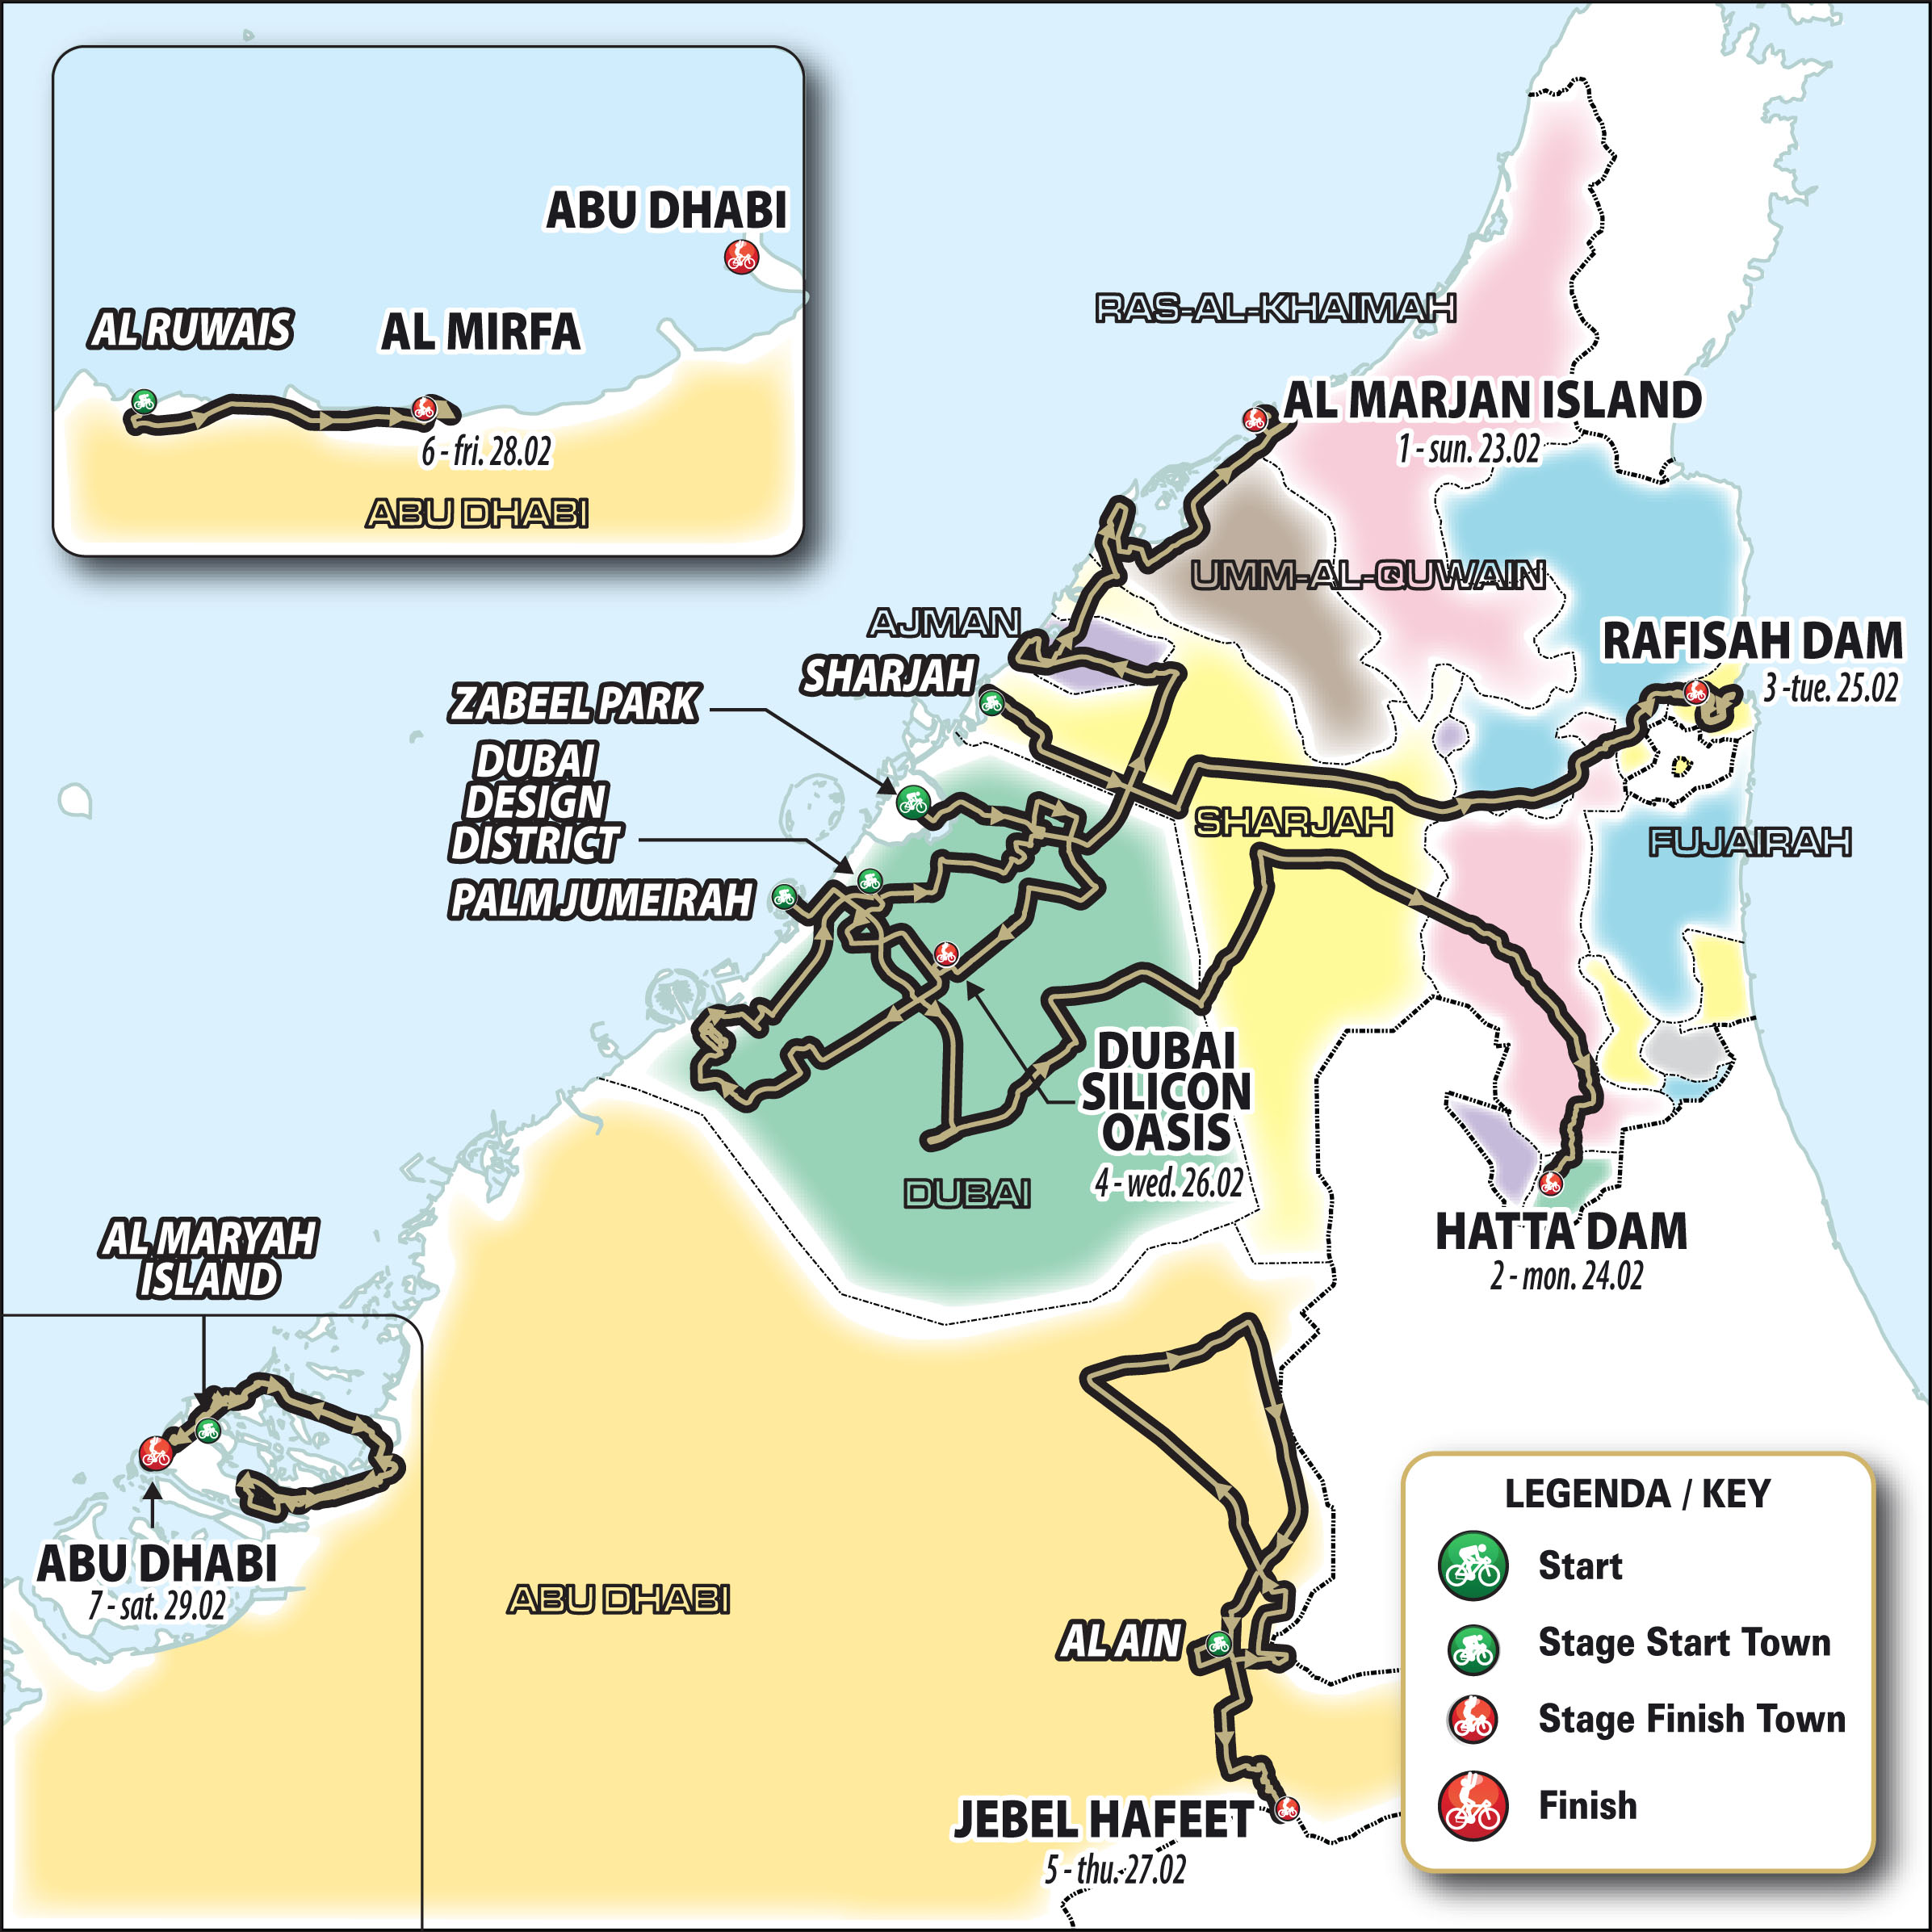 UAE Tour 2020